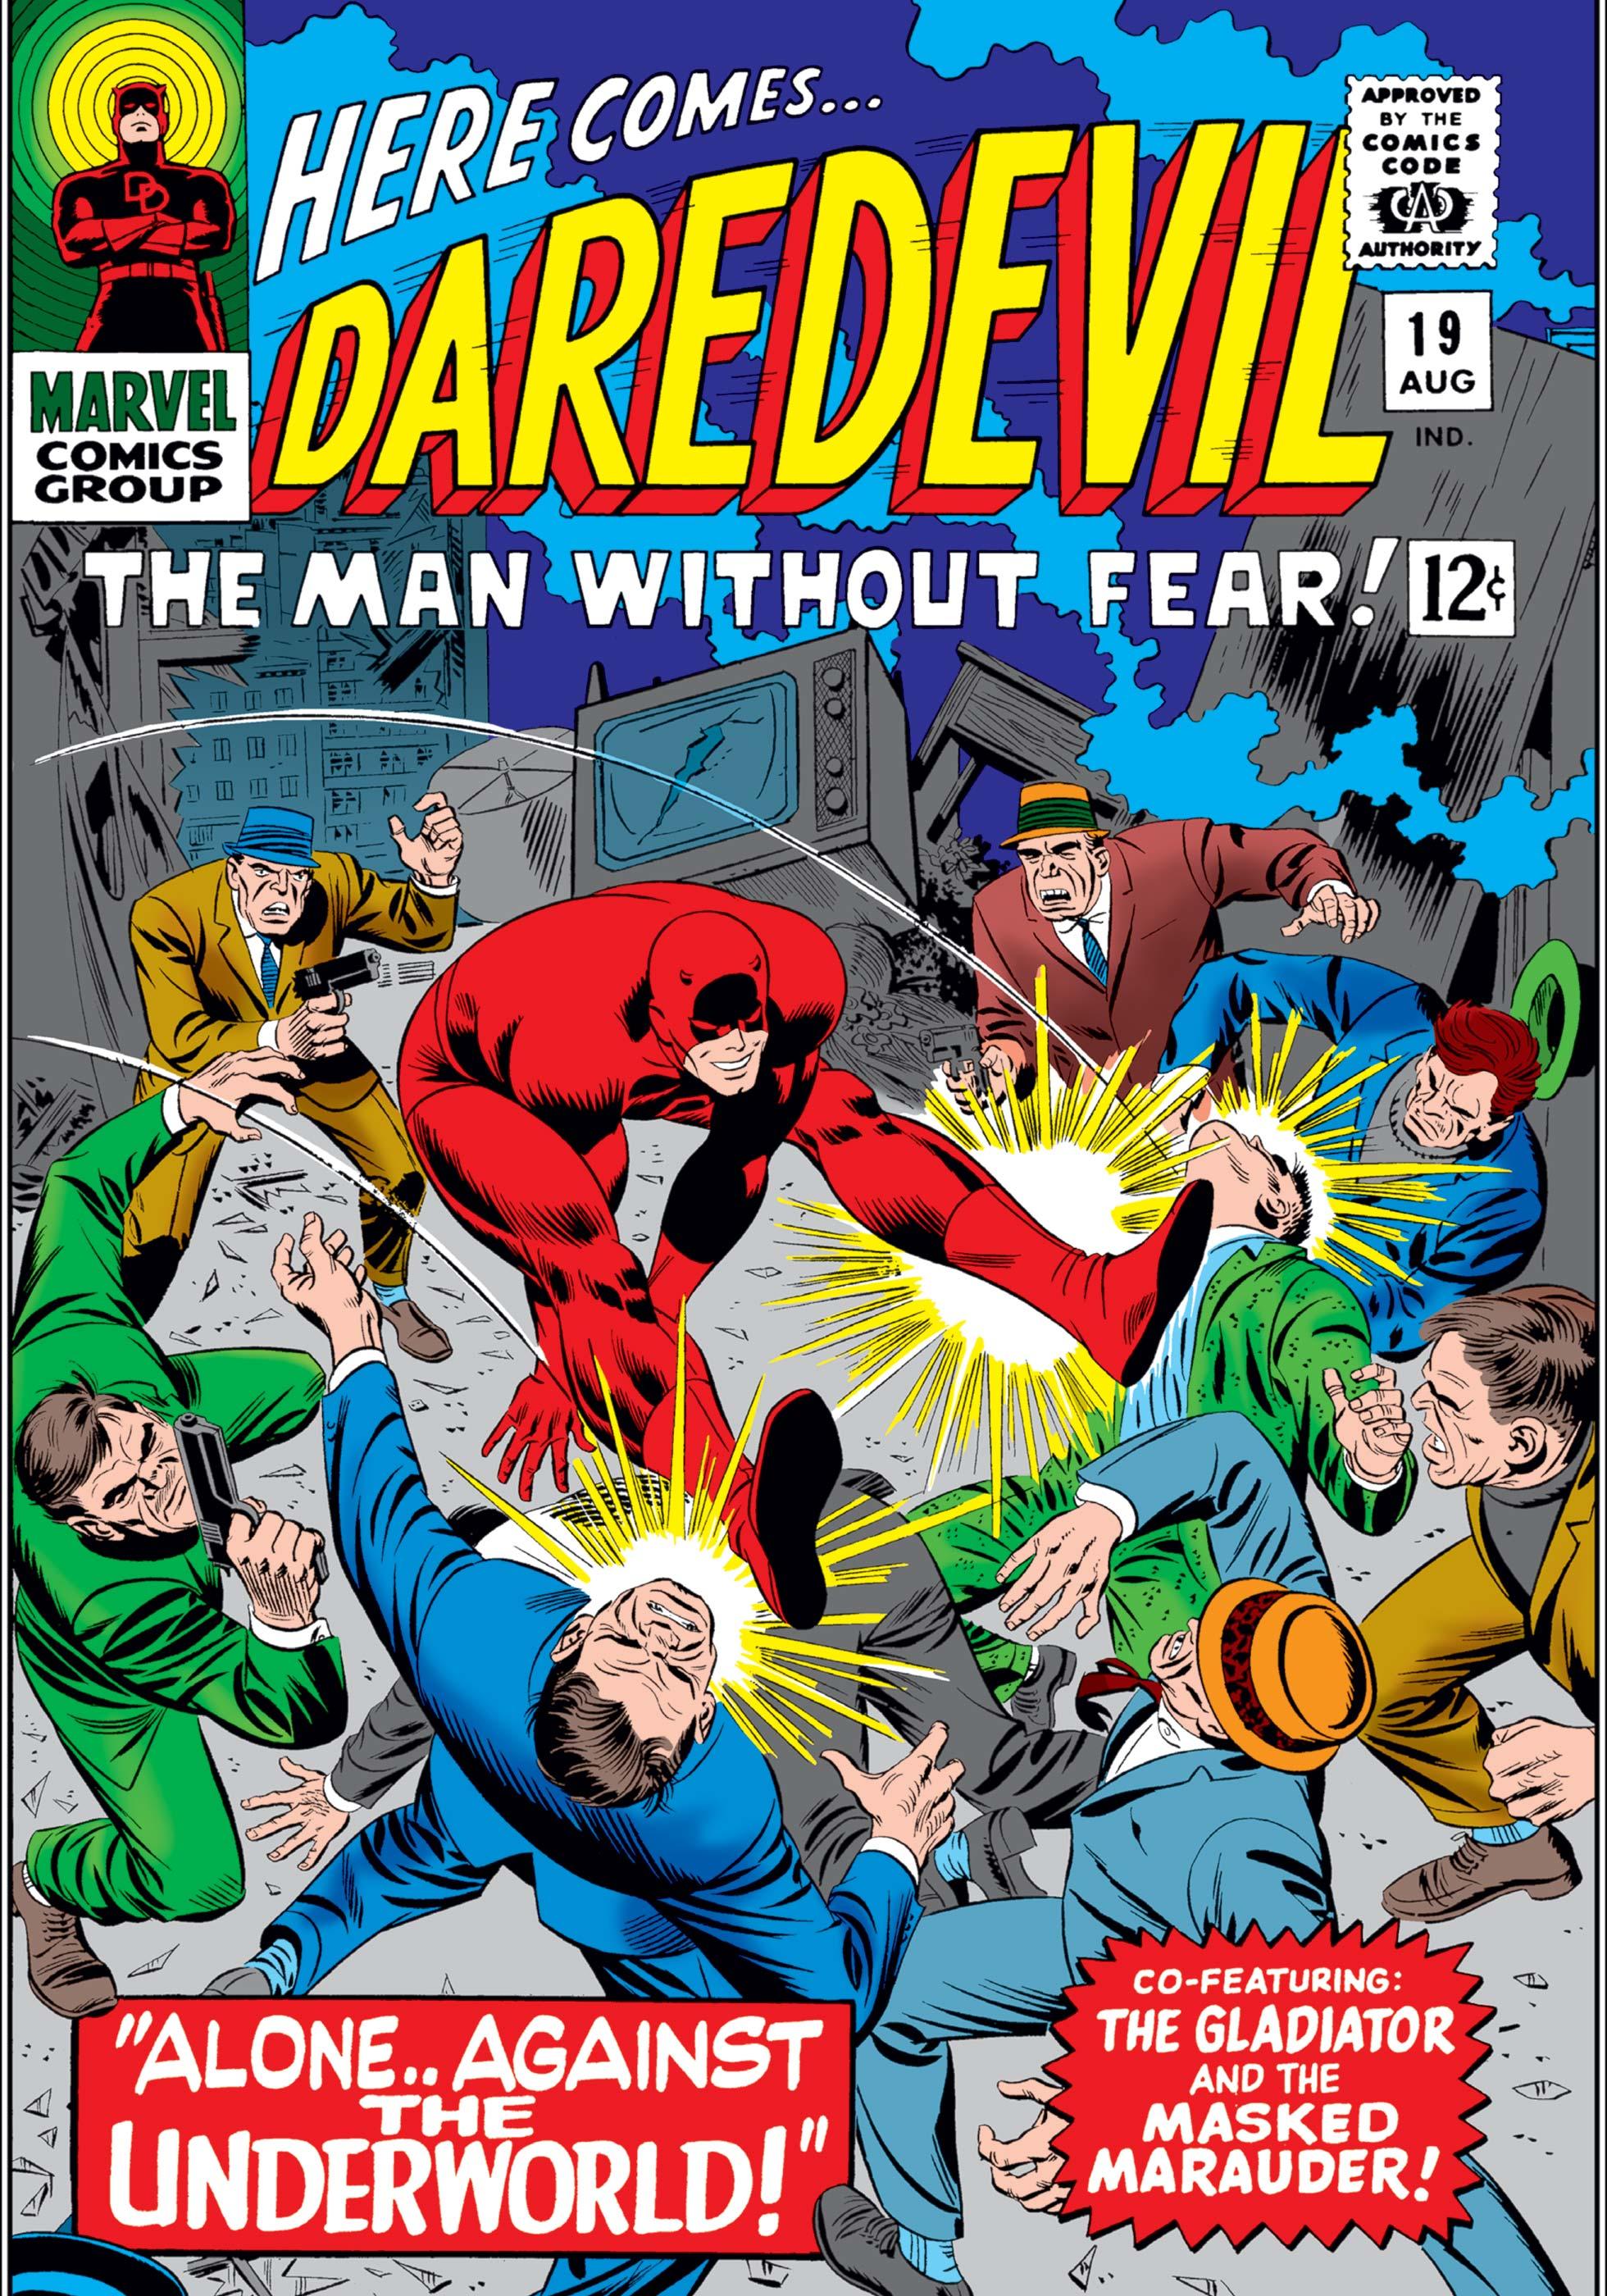 Daredevil (1964) #19